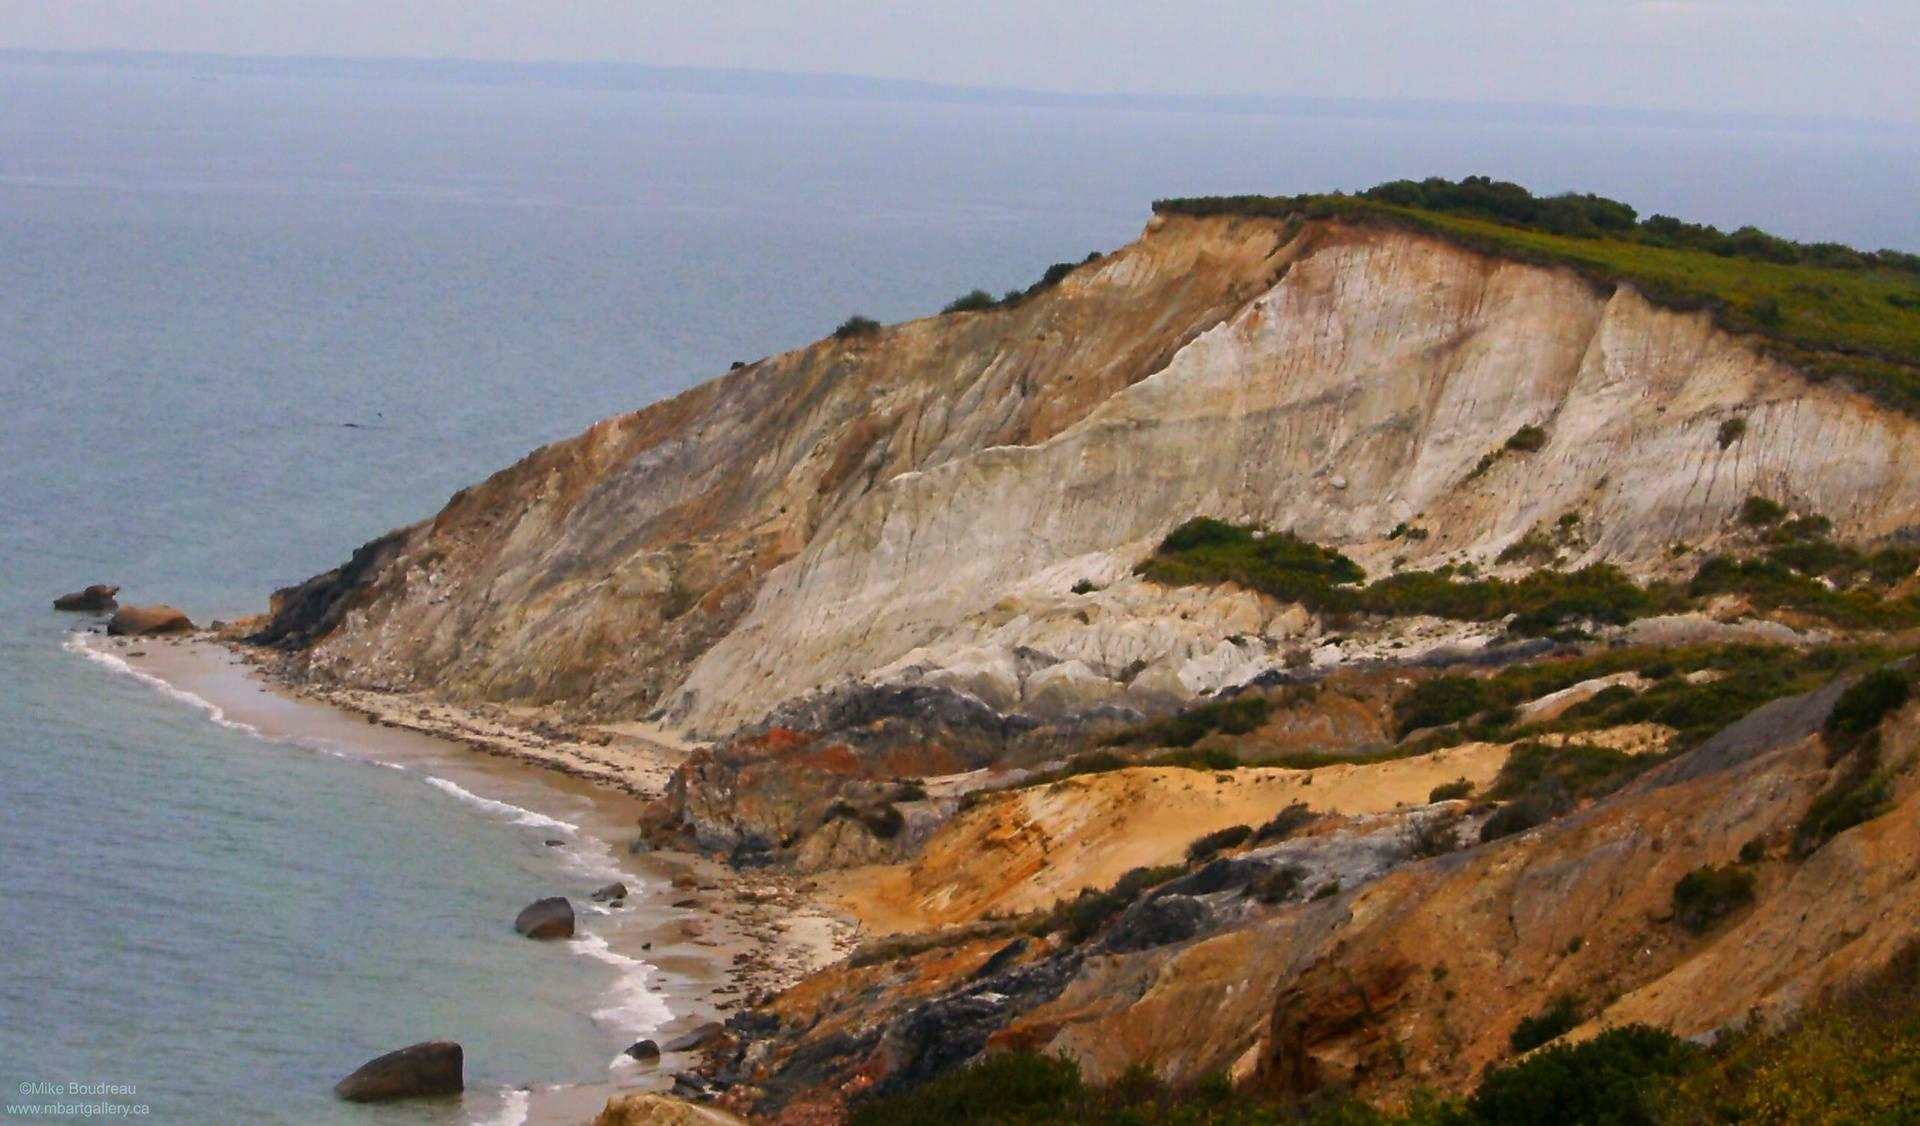 Cliffs on Martha's Vineyard